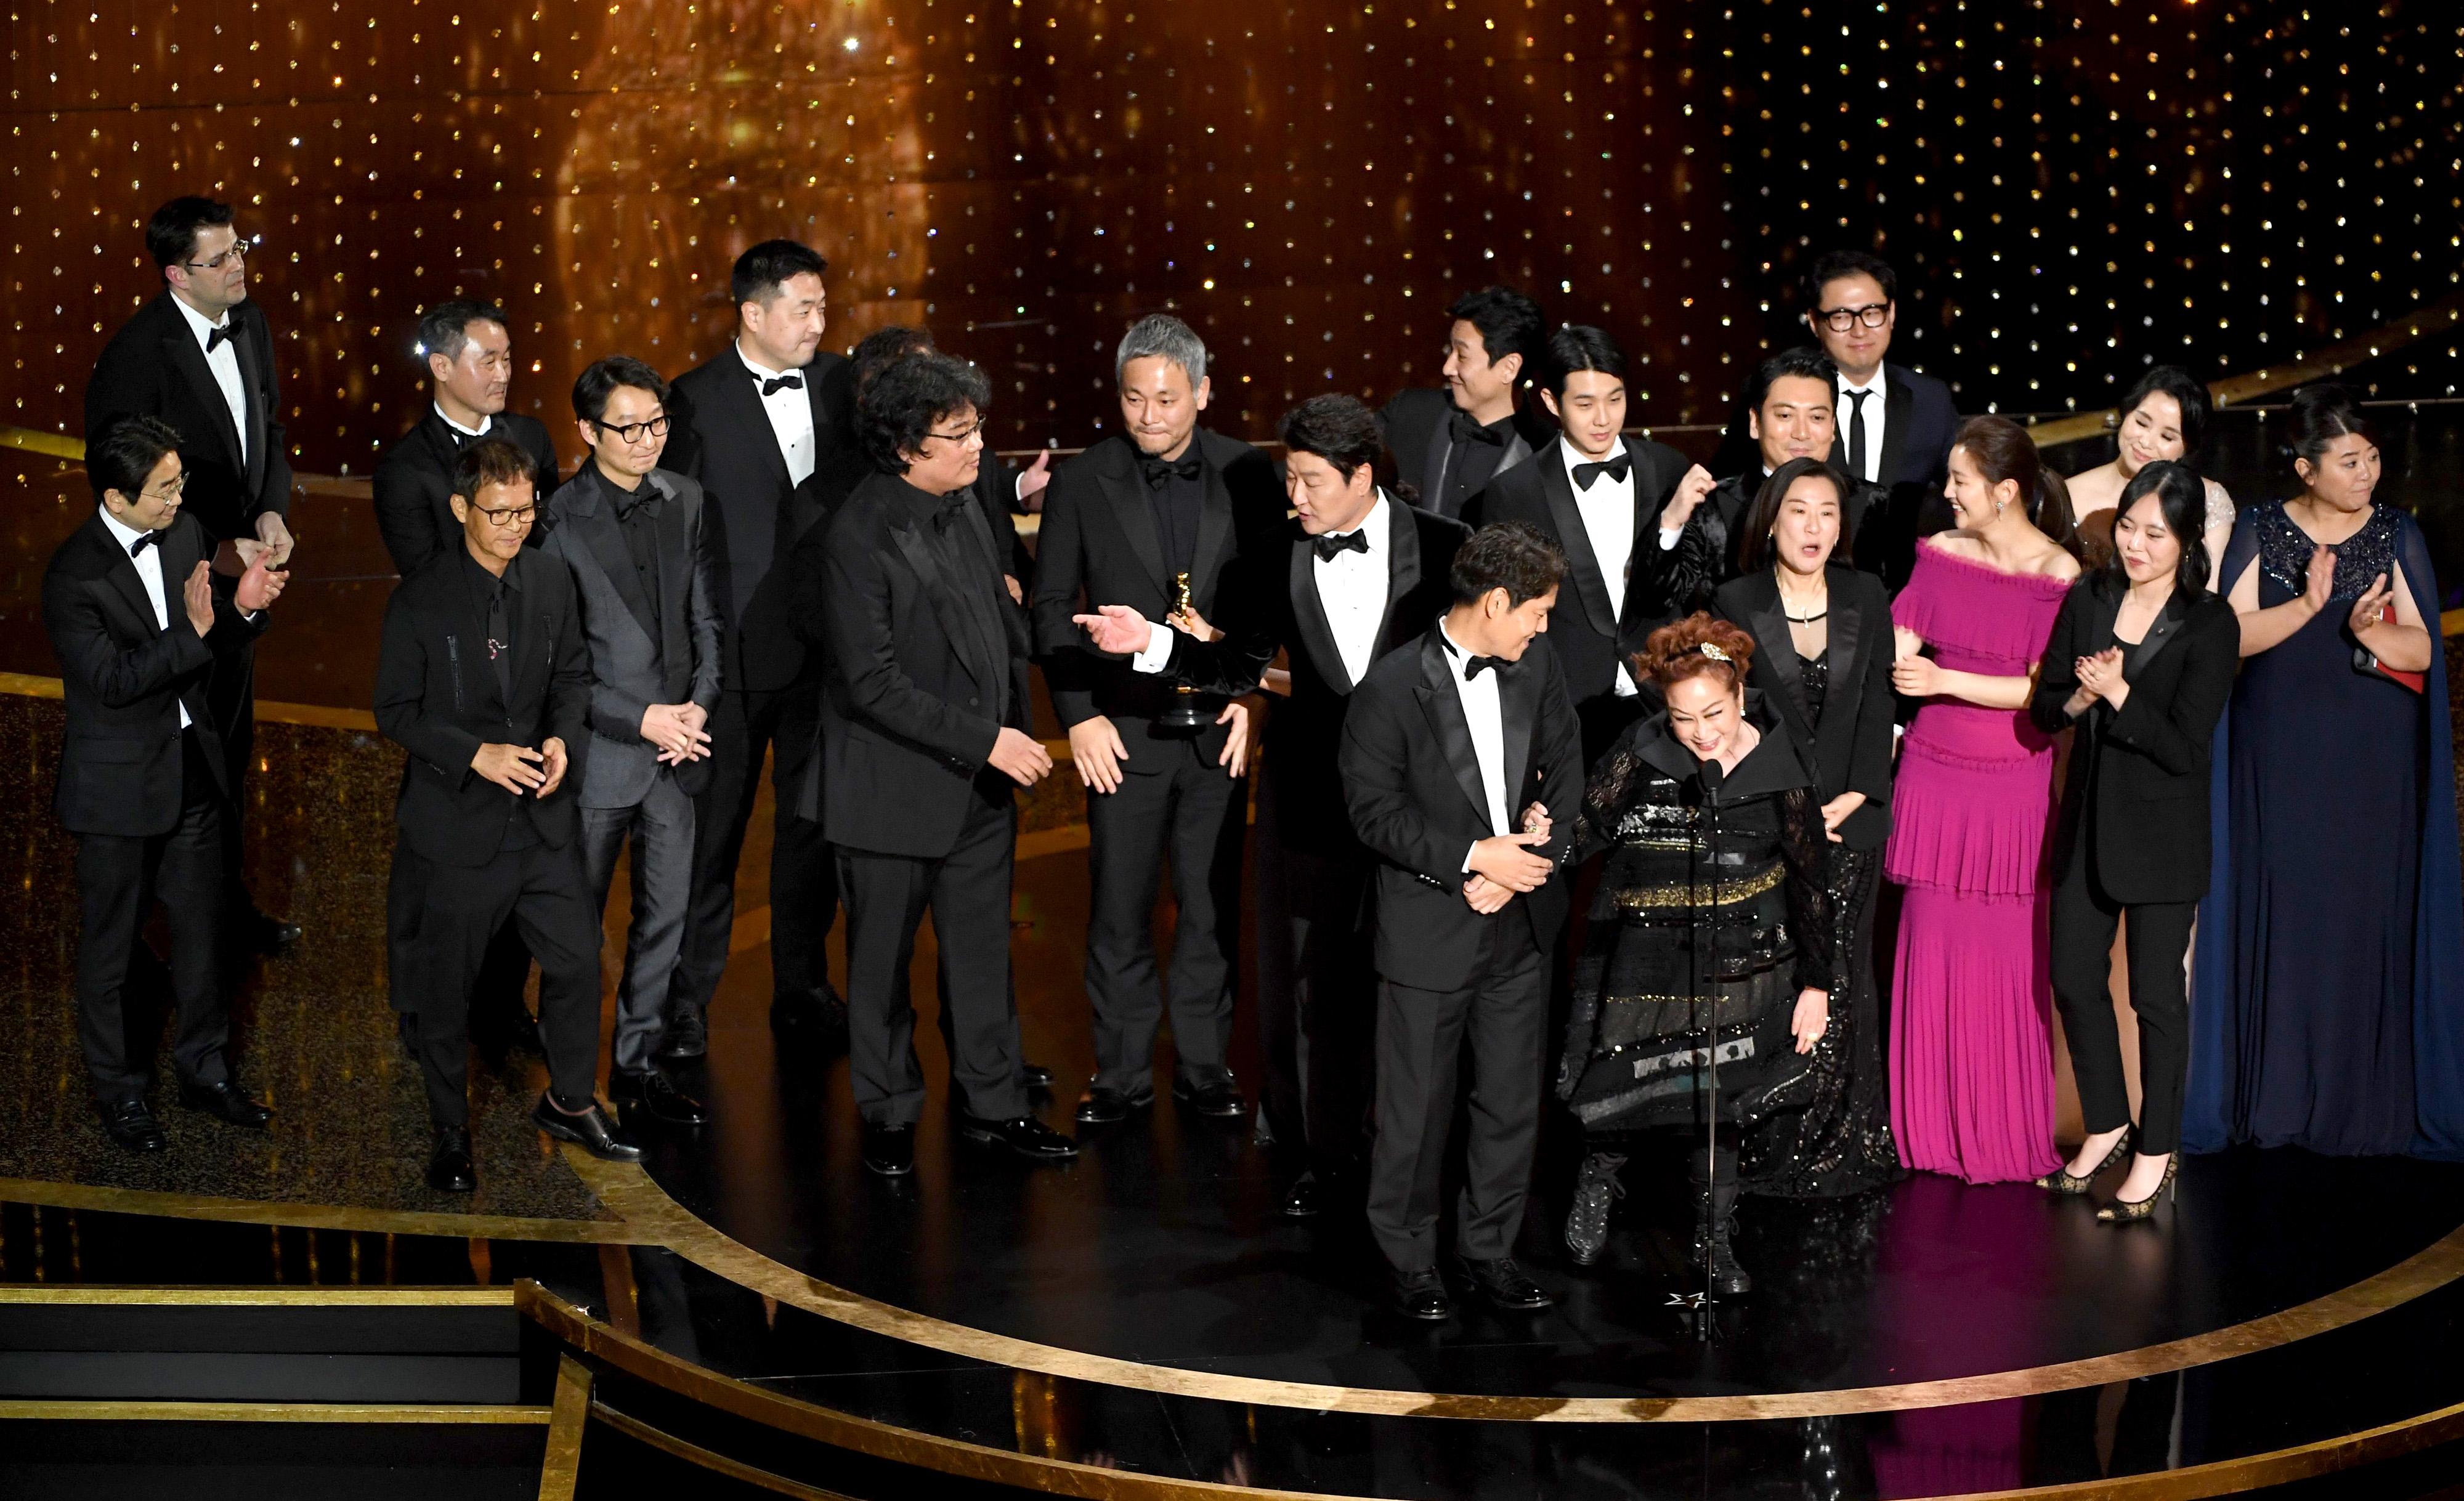 Bong Joon Ho, Kang-ho Song, Lee Sun-kyun, Cho Yeo-jeong, Yang-kwon Moon, Ha-jun Lee, Park So-dam, and Jin-won Han at an event for The Oscars (2020)